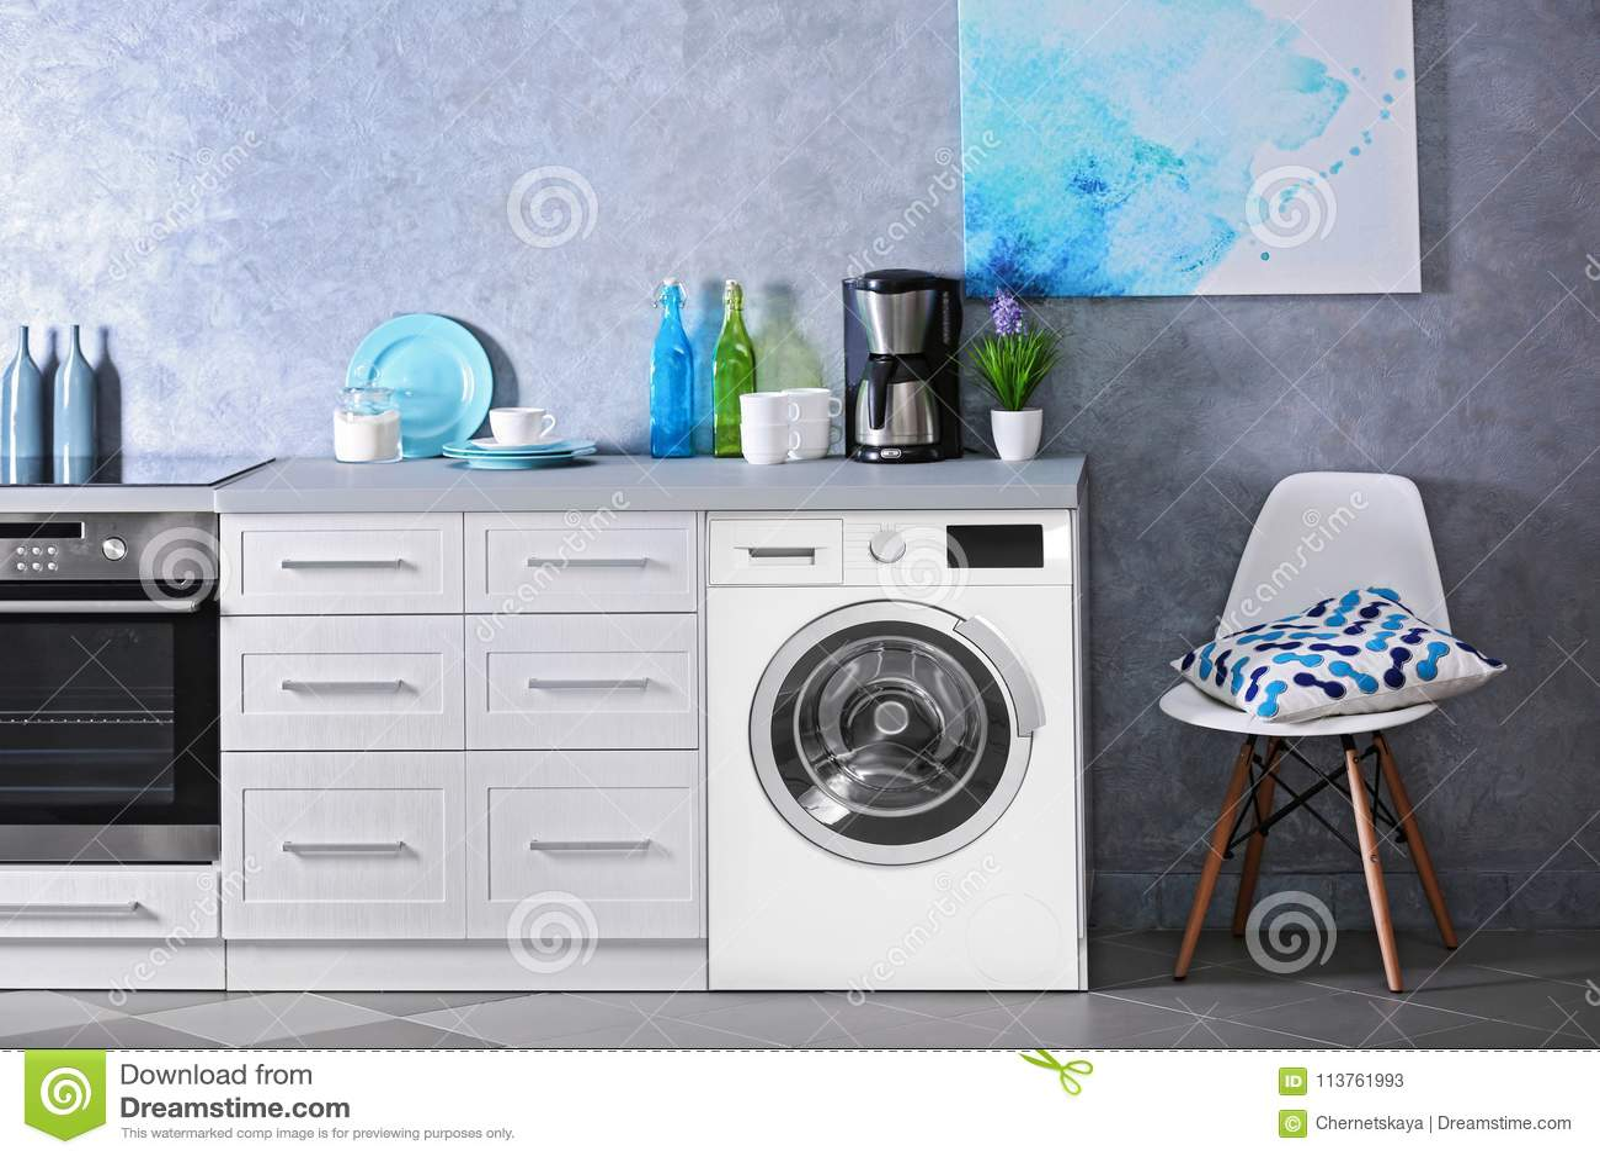 Verrassend Binnenland Van Moderne Keuken Met Wasmachine Stock Afbeelding FF-82